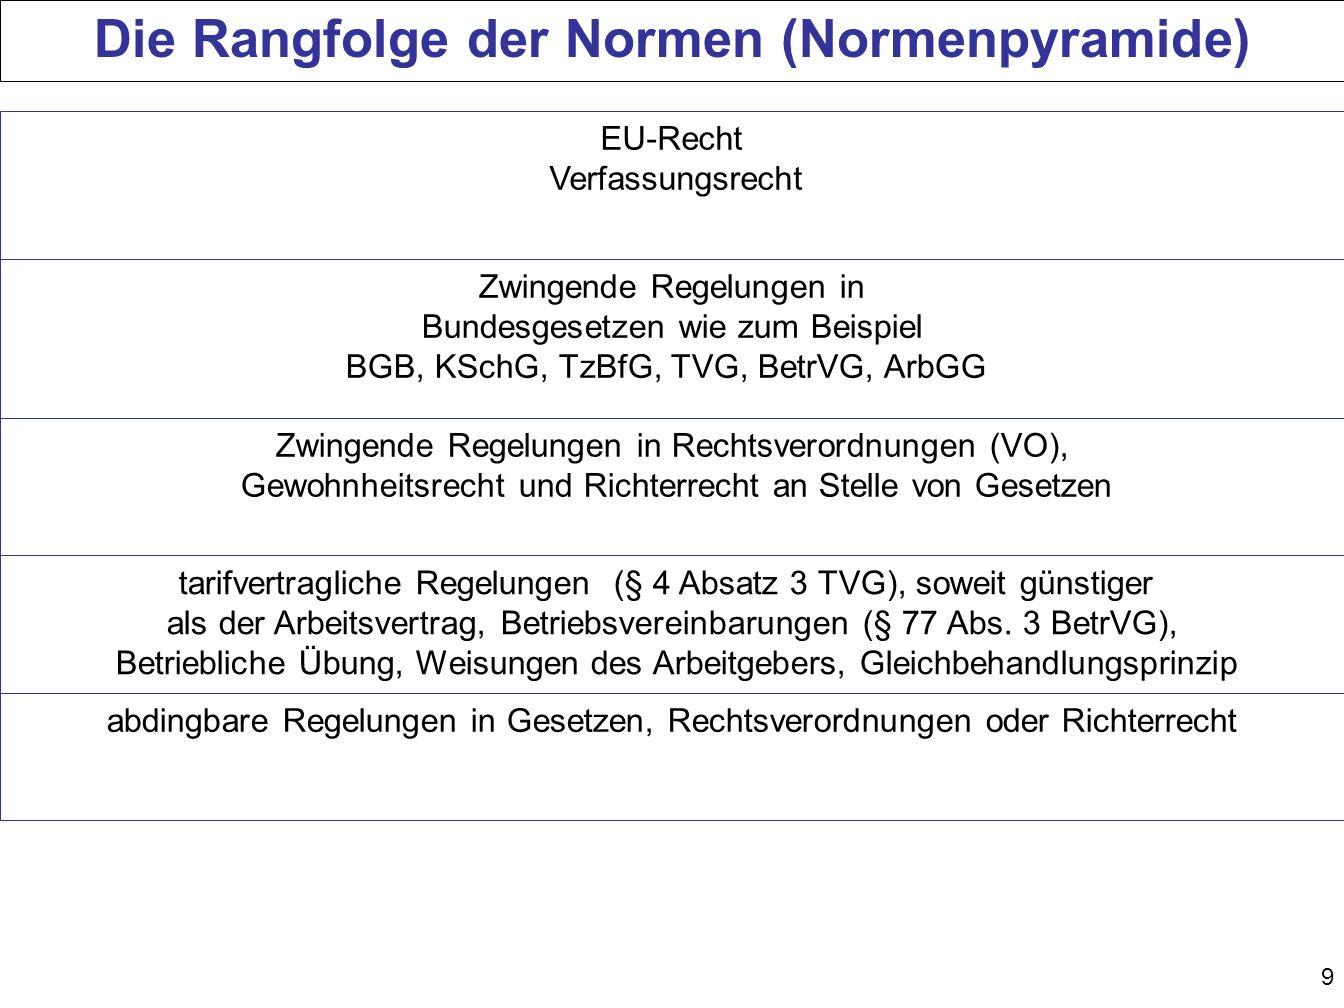 9 Die Rangfolge der Normen (Normenpyramide) EU-Recht Verfassungsrecht Zwingende Regelungen in Bundesgesetzen wie zum Beispiel BGB, KSchG, TzBfG, TVG,